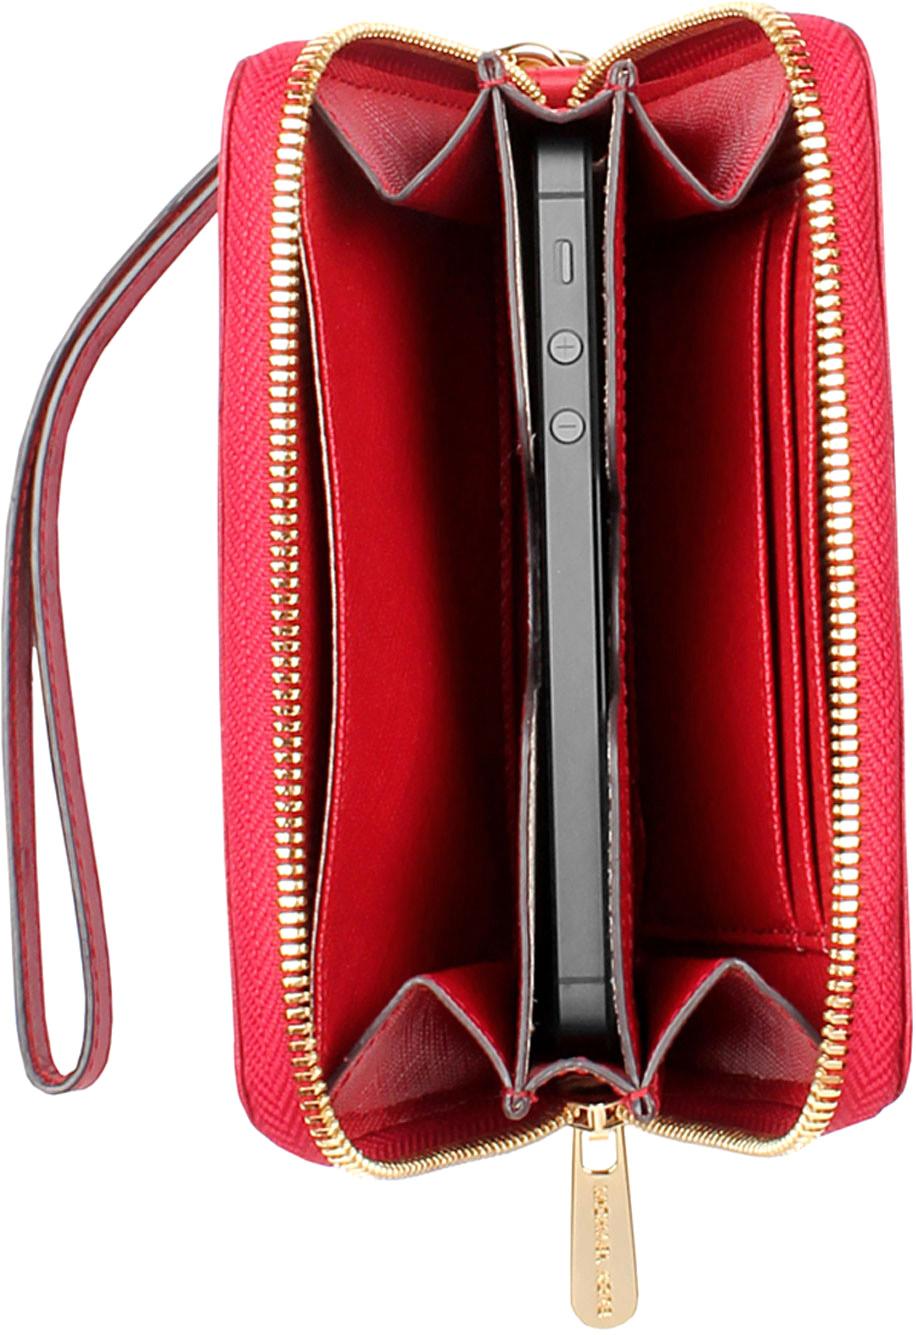 michael kors essential zip wallet